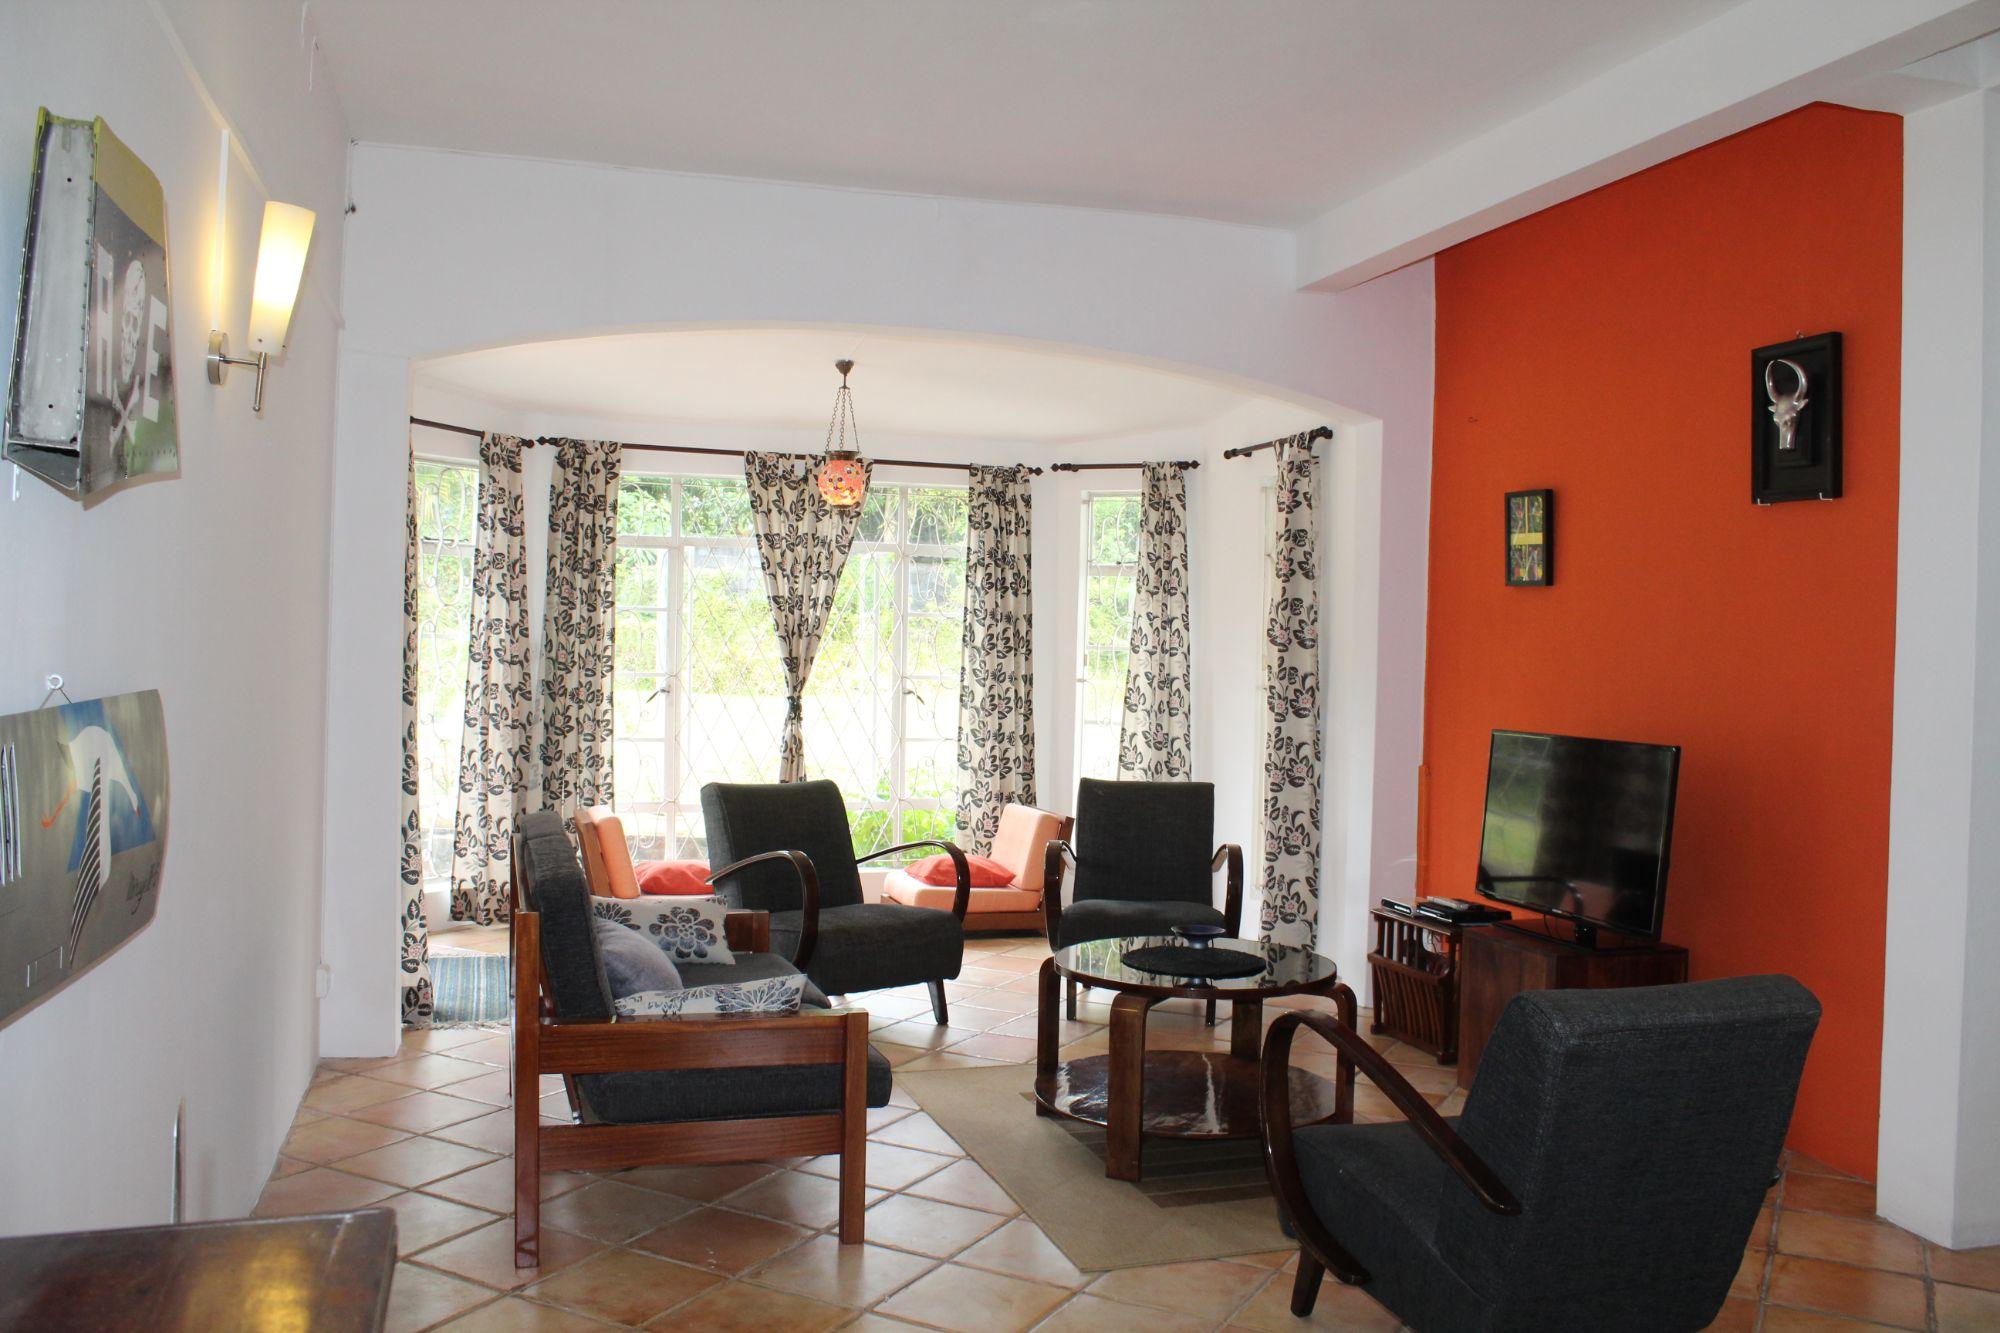 Bel appartement de plain-pied meublé et équipé de de 60 m2 avec jardin se situe dans un quartier hautement résidentiel à Floréal.